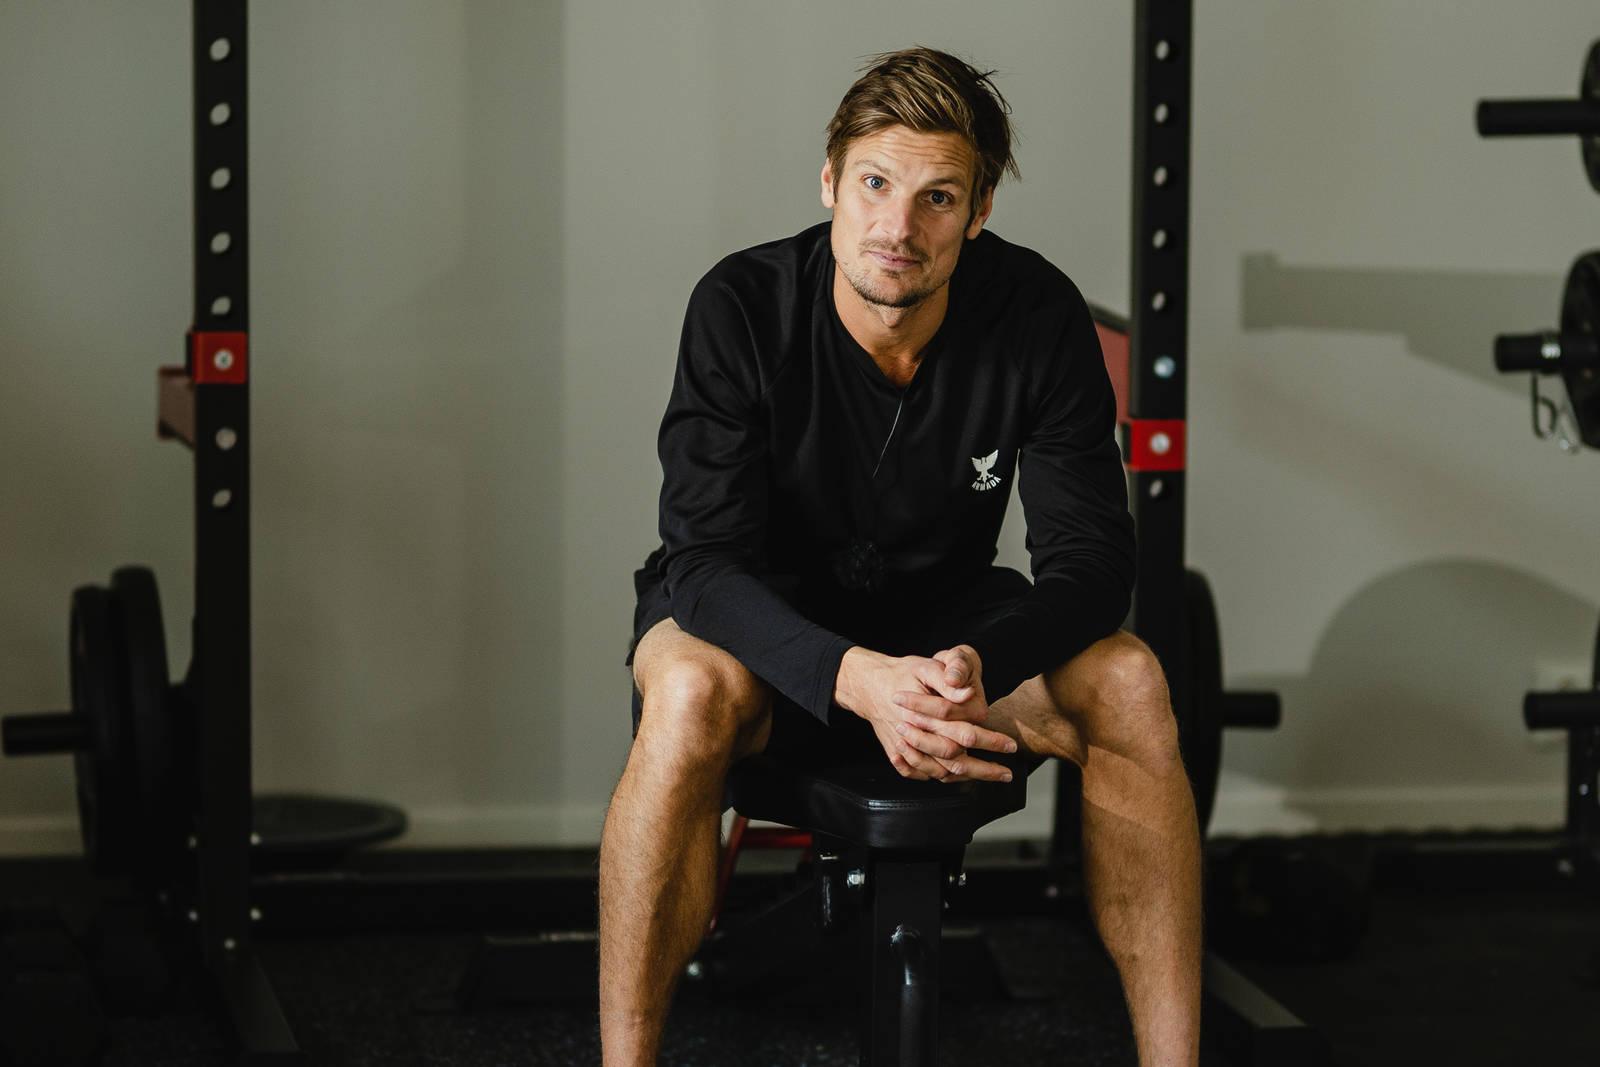 TRENER: Spesialist i idrettssfysioterapi og manuellterapeut på Olympiatoppen Lars Haugvad. Bilde: Christian Nerdrum